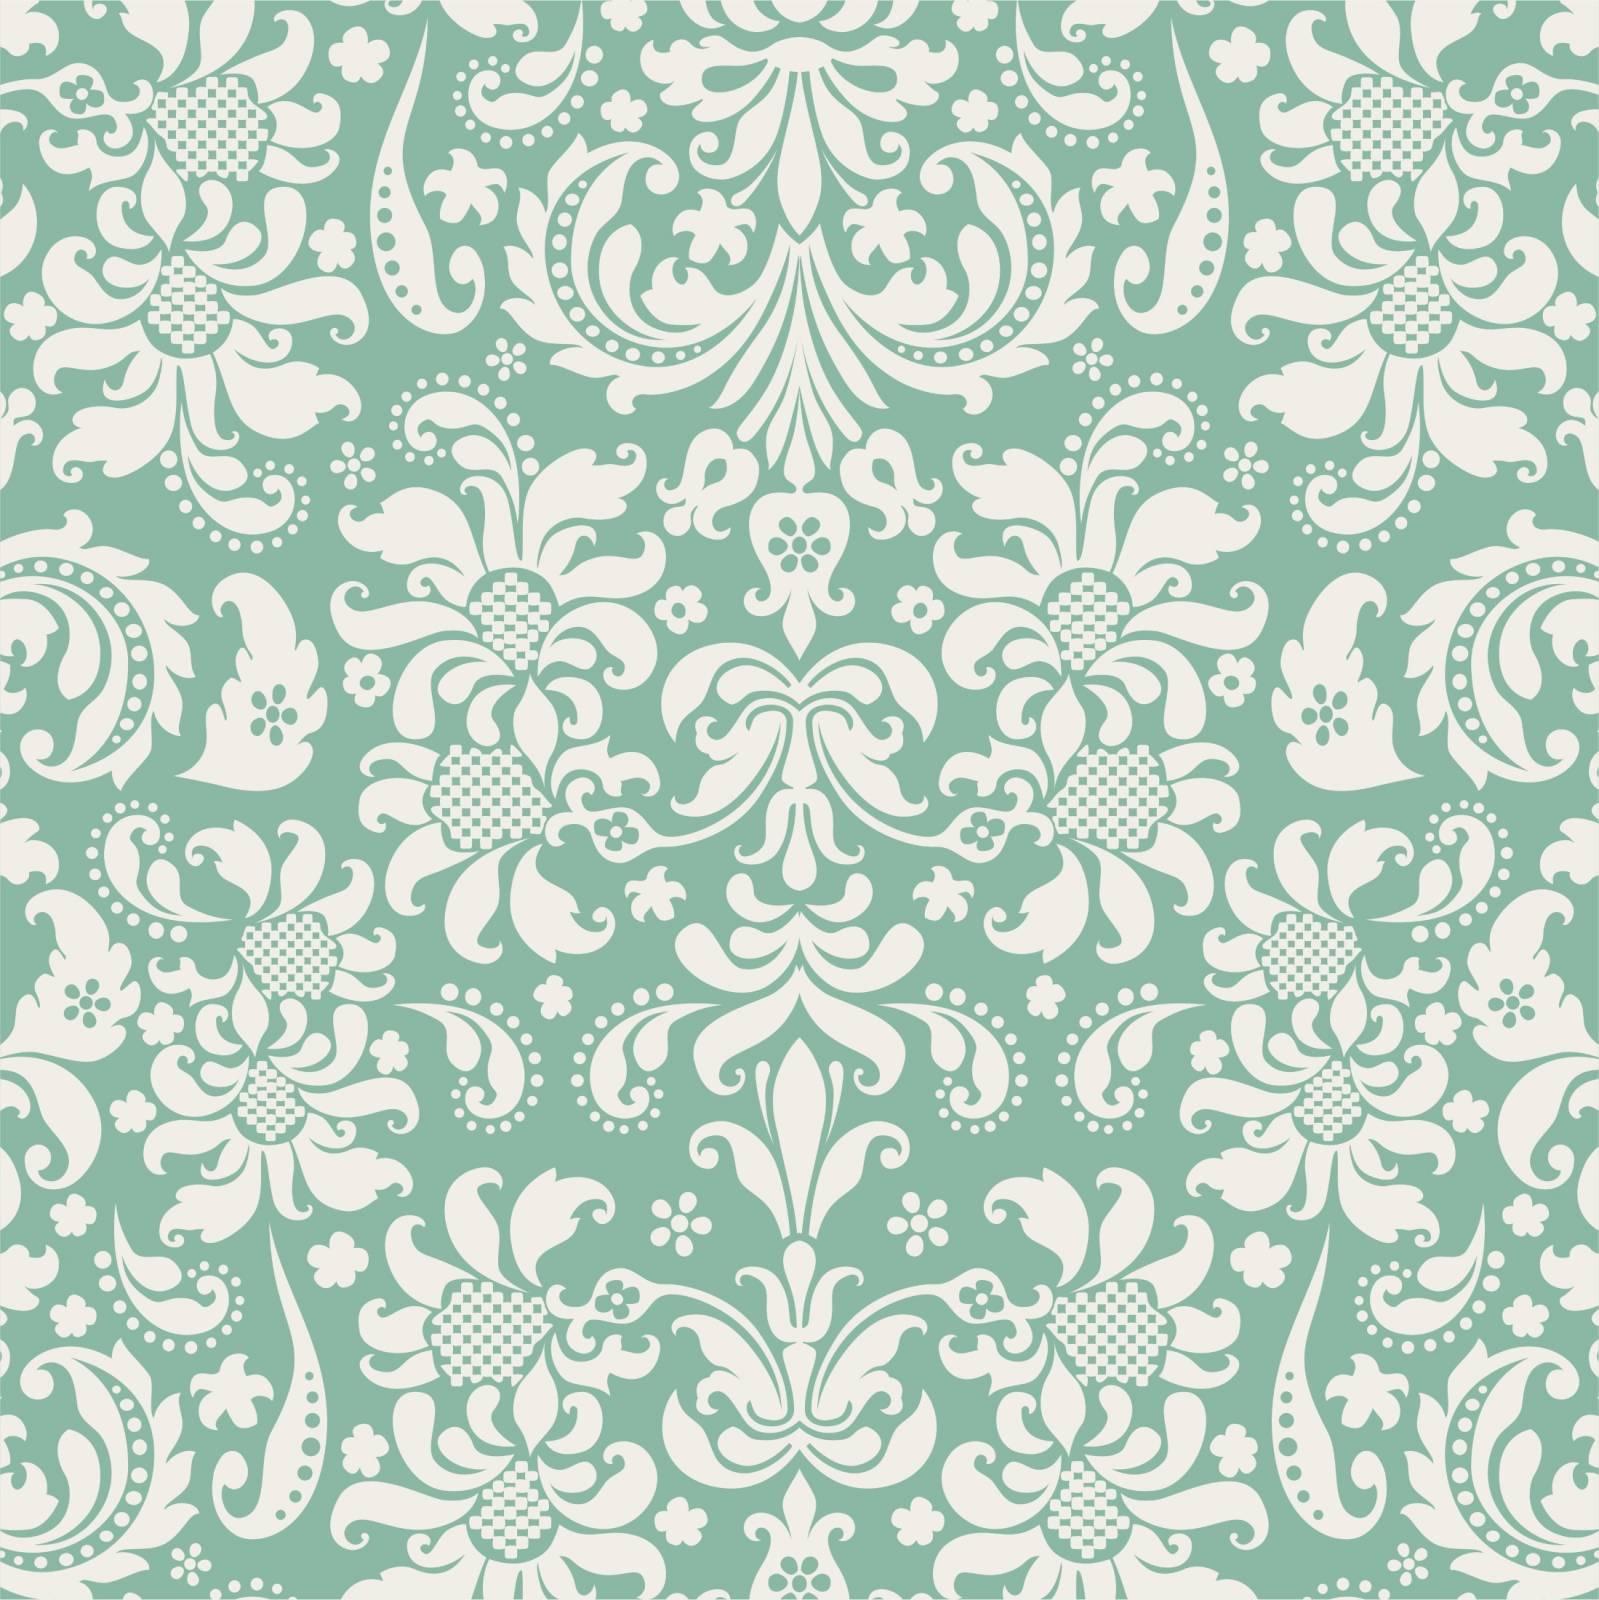 Papel de Parede Adesivo Verde e Branco/Rolo